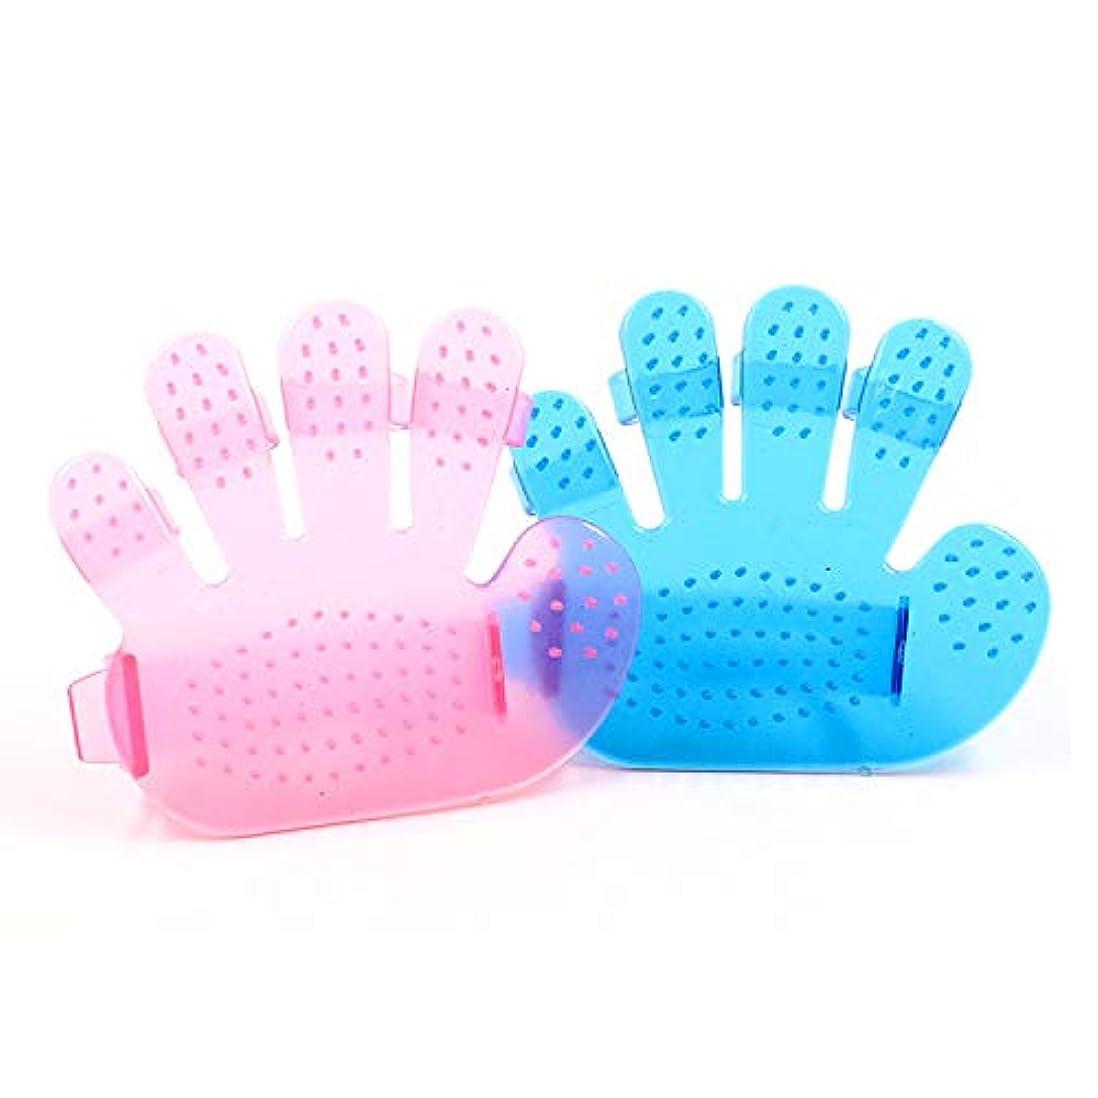 体シロナガスクジラリンスBTXXYJP ペット ブラシ 手袋 猫 ブラシ グローブ クリーナー 耐摩耗 抜け毛取り マッサージブラシ 犬 グローブ 10個 (Color : Pink, Size : M-Ten)